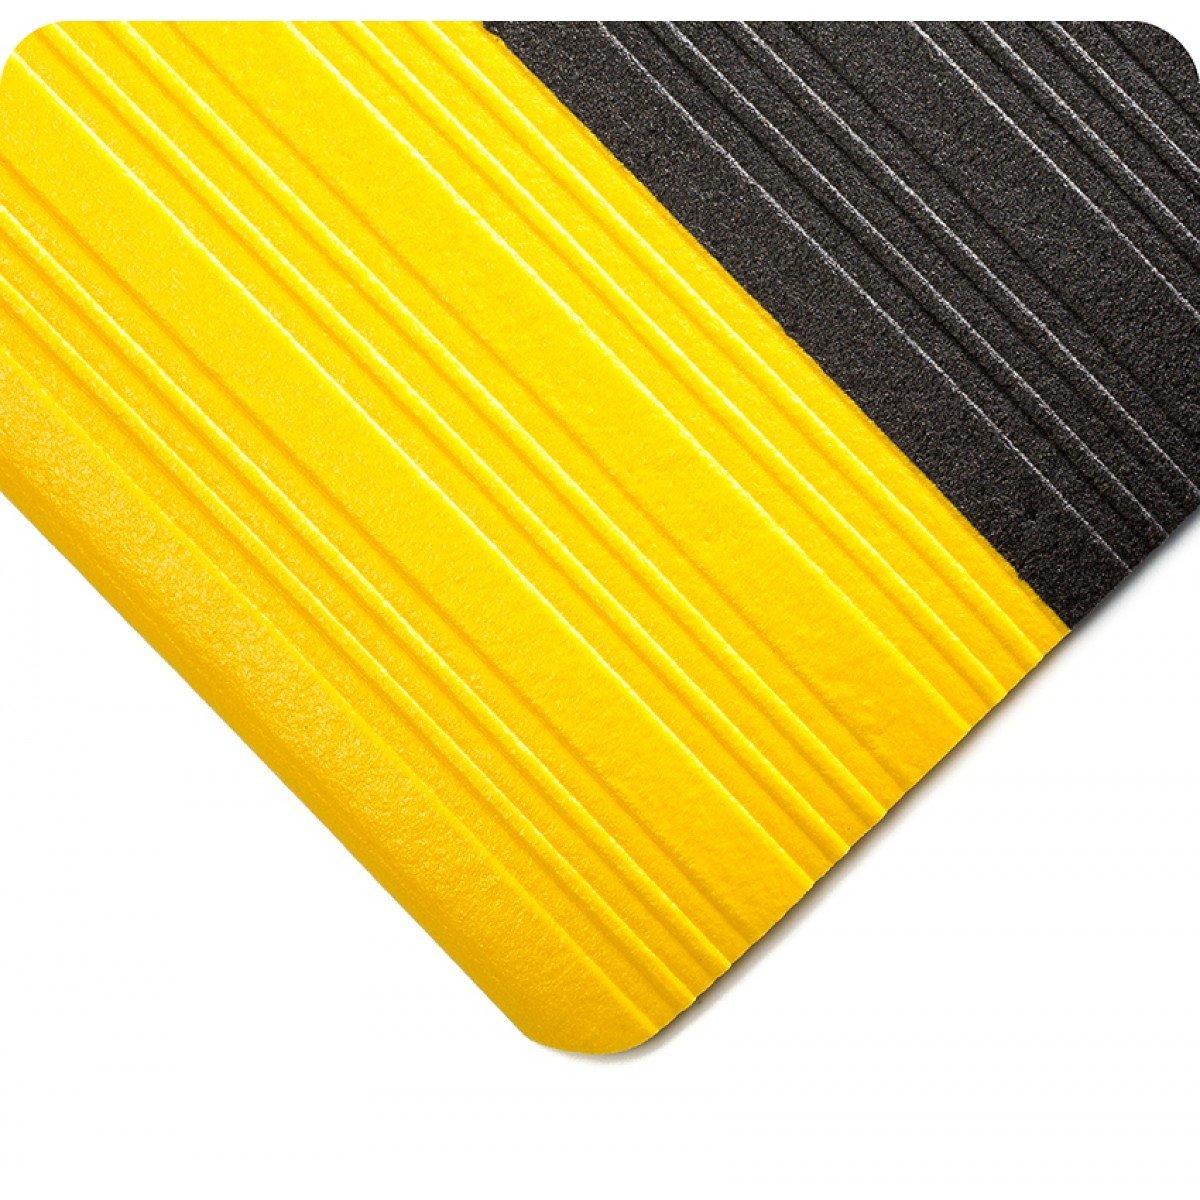 Wearwell 国内即発送 442.58x2x16BYL Deluxe Tuf Sponge Mat W x 引出物 Length 16' 2'